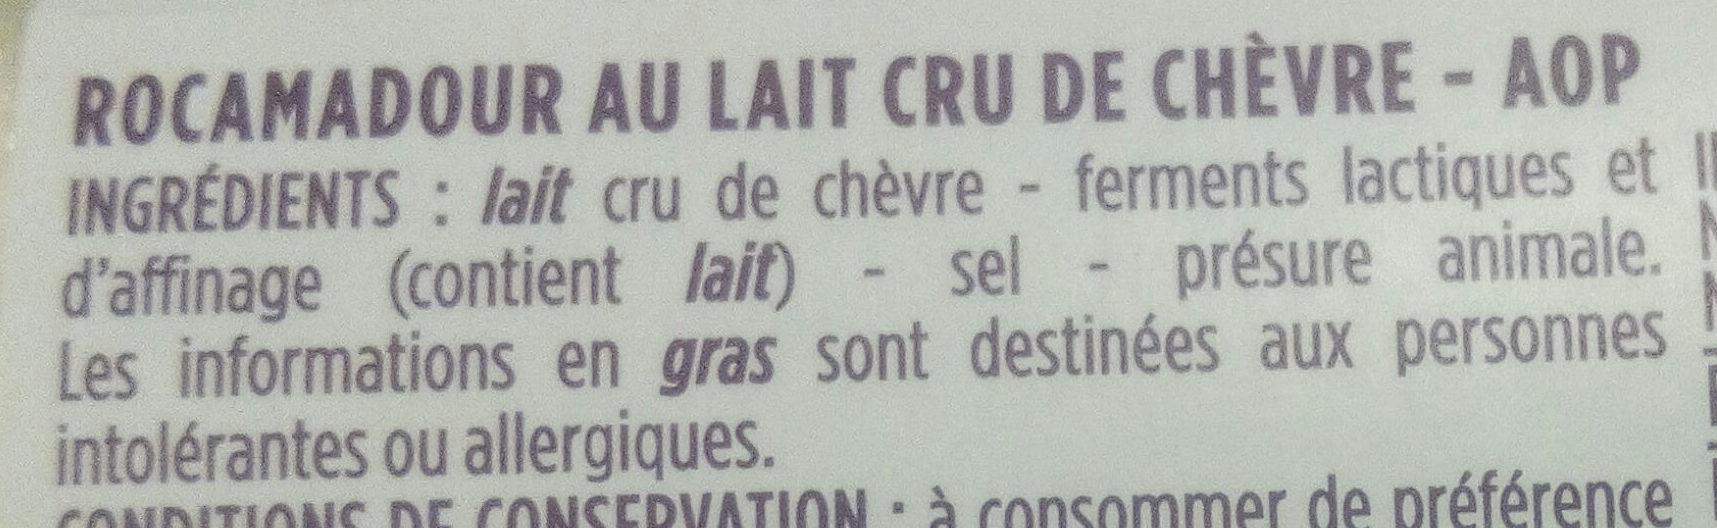 Rocamadour, fromage de chèvre au lait cru, AOC - Ingrédients - fr